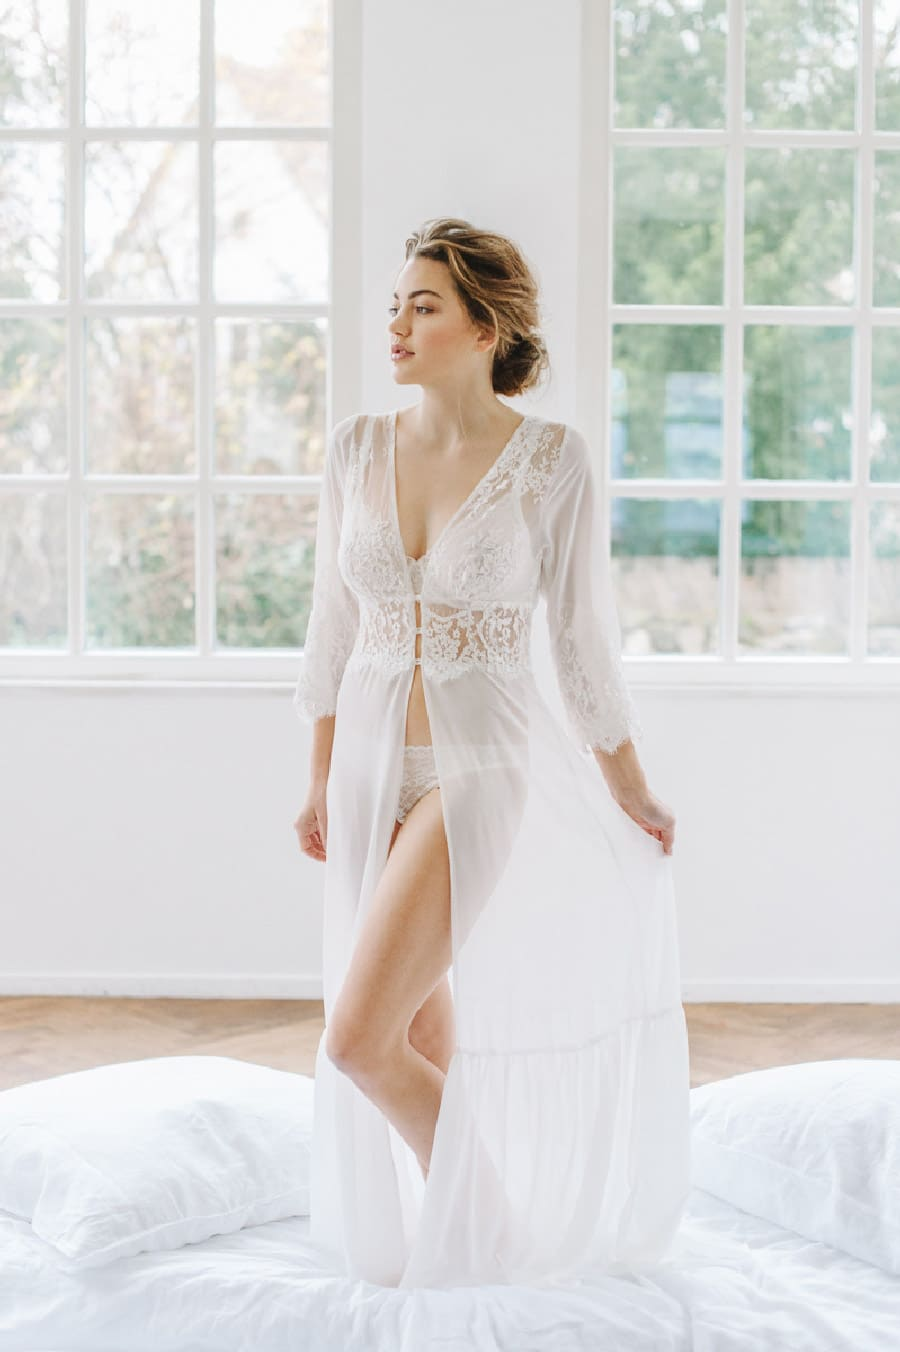 braut-neglige-bridal-robe-boudoir-sina-fischer-lunga-3